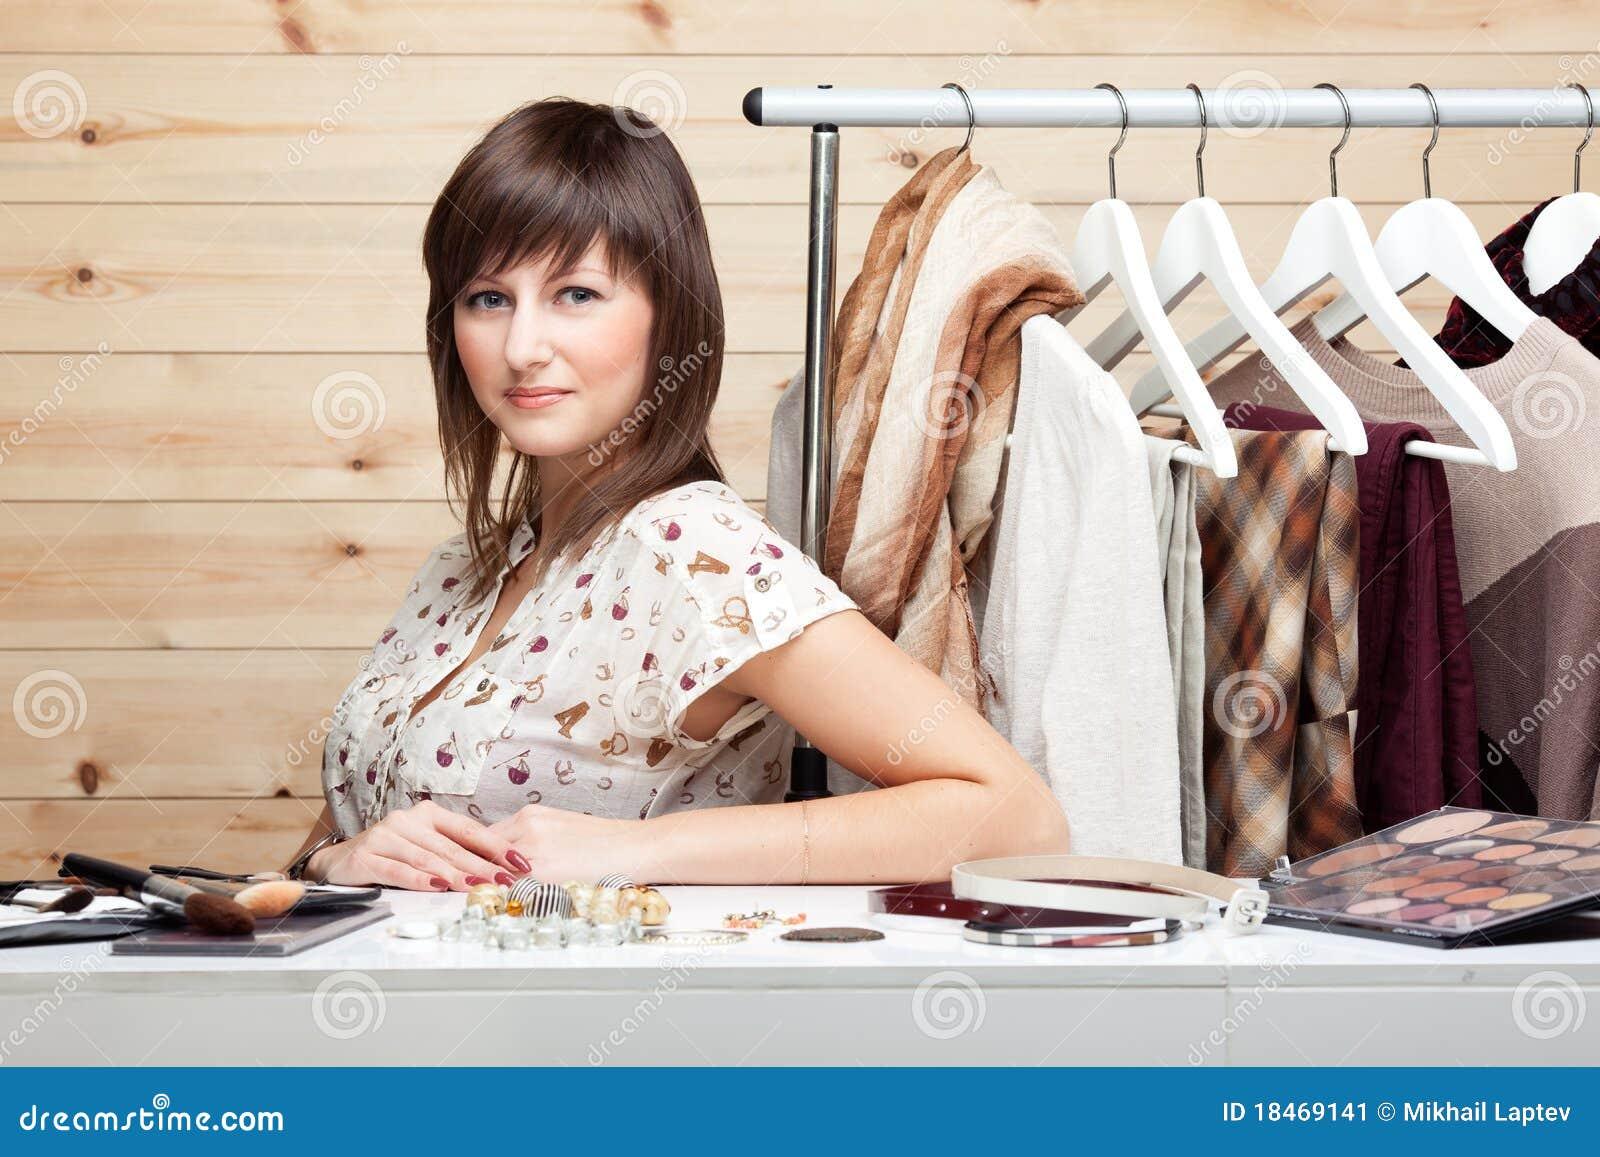 Секс в магазине одежд 7 фотография